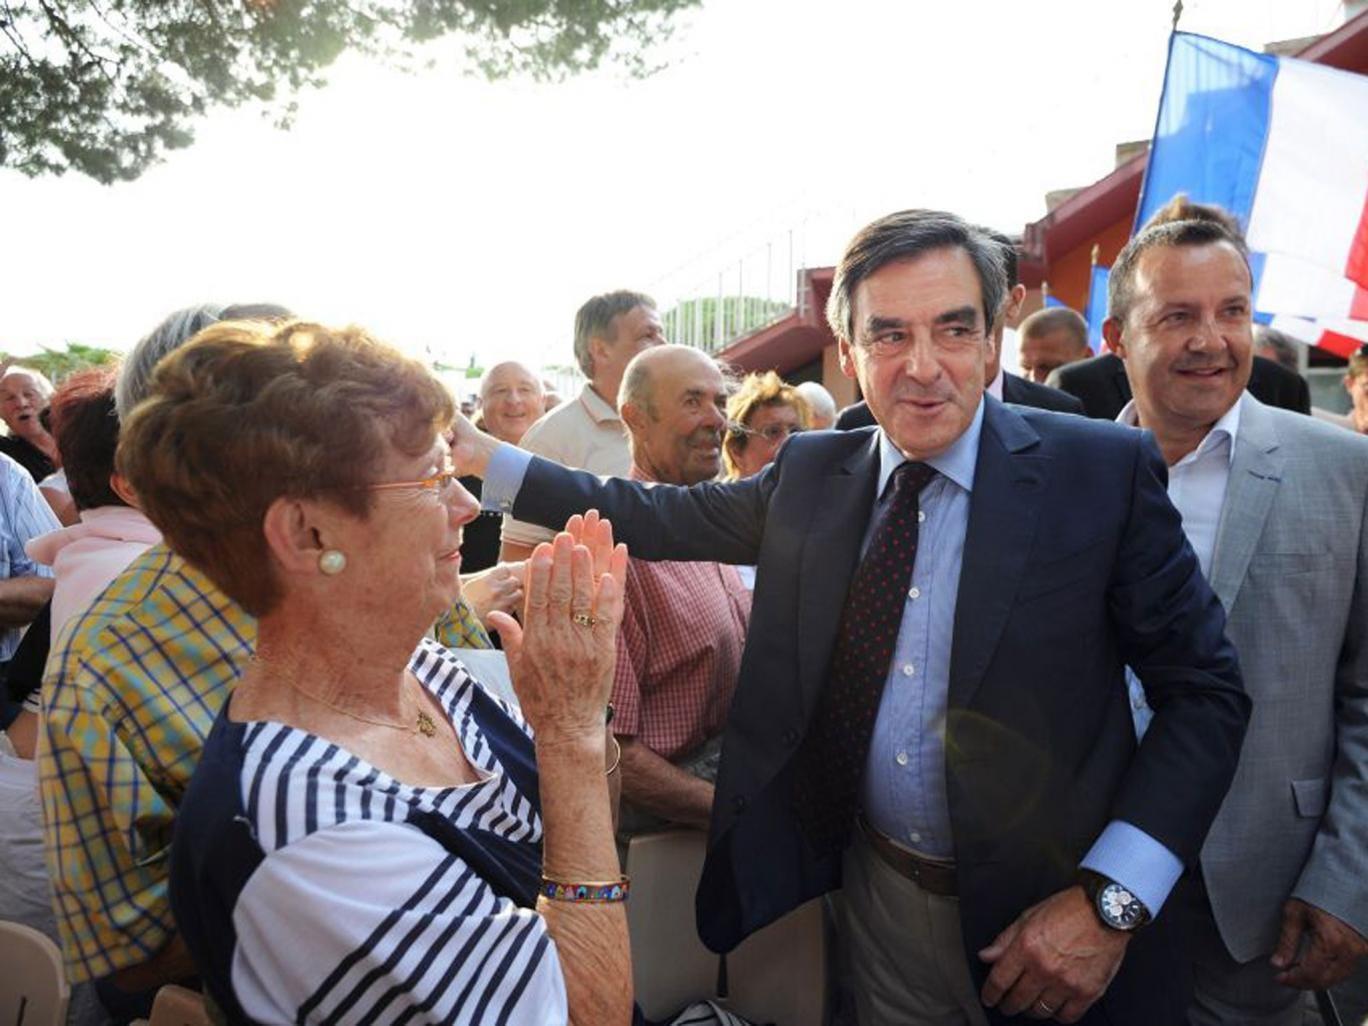 François Fillon in La Grande-Motte on Thursday